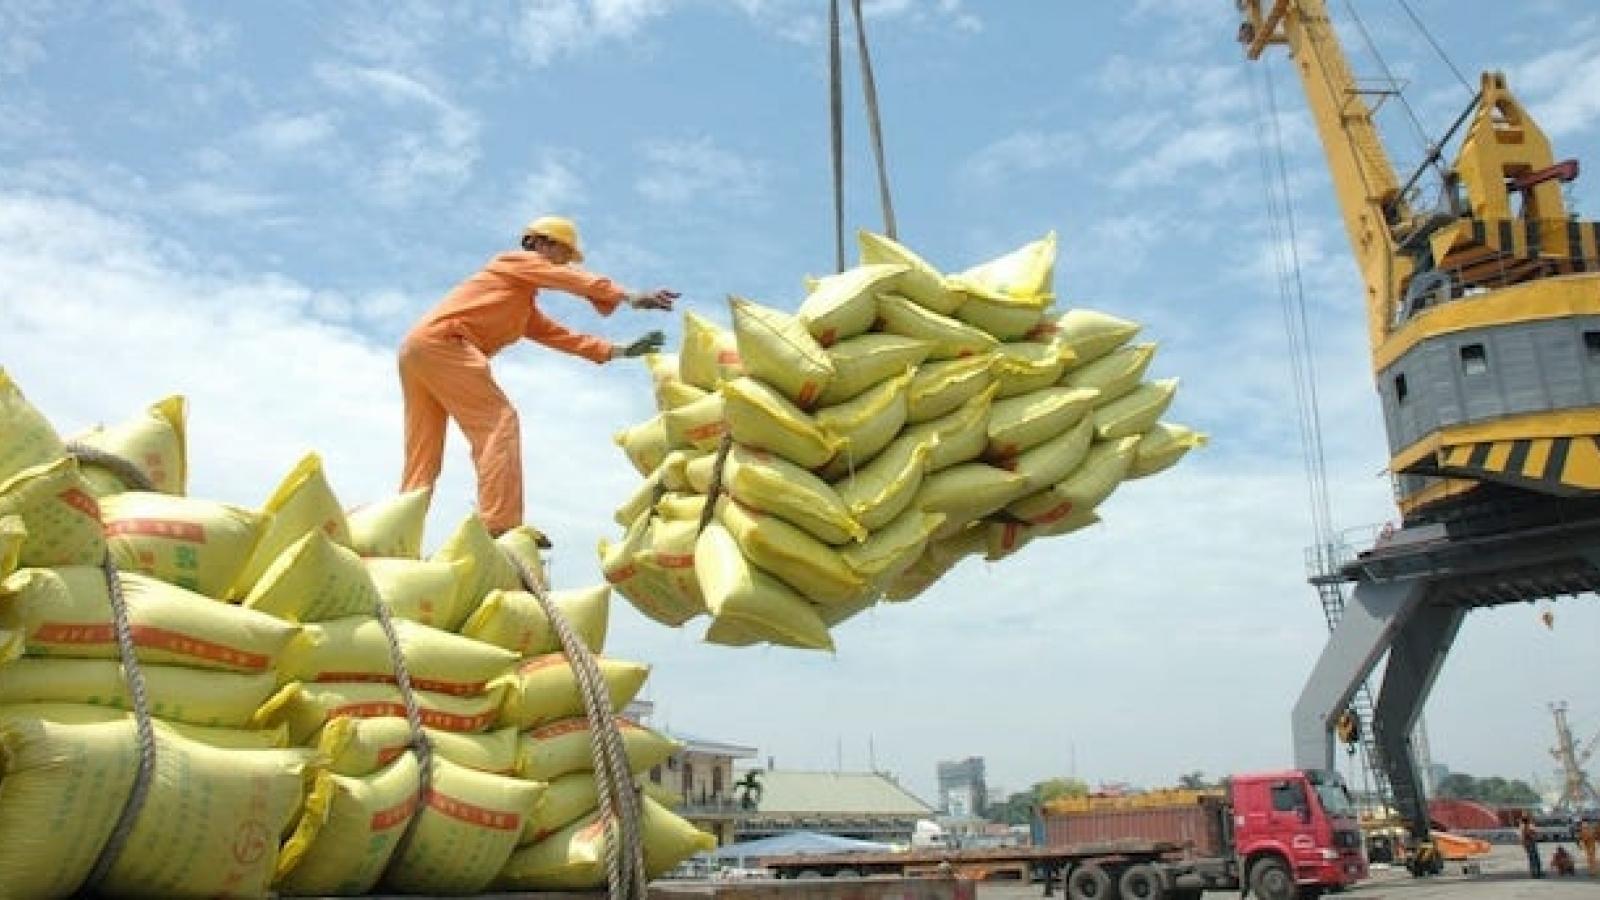 Trung Quốc nhập khẩu gạo Việt Nam tăng gấp 4 lần so với cùng kỳ năm trước